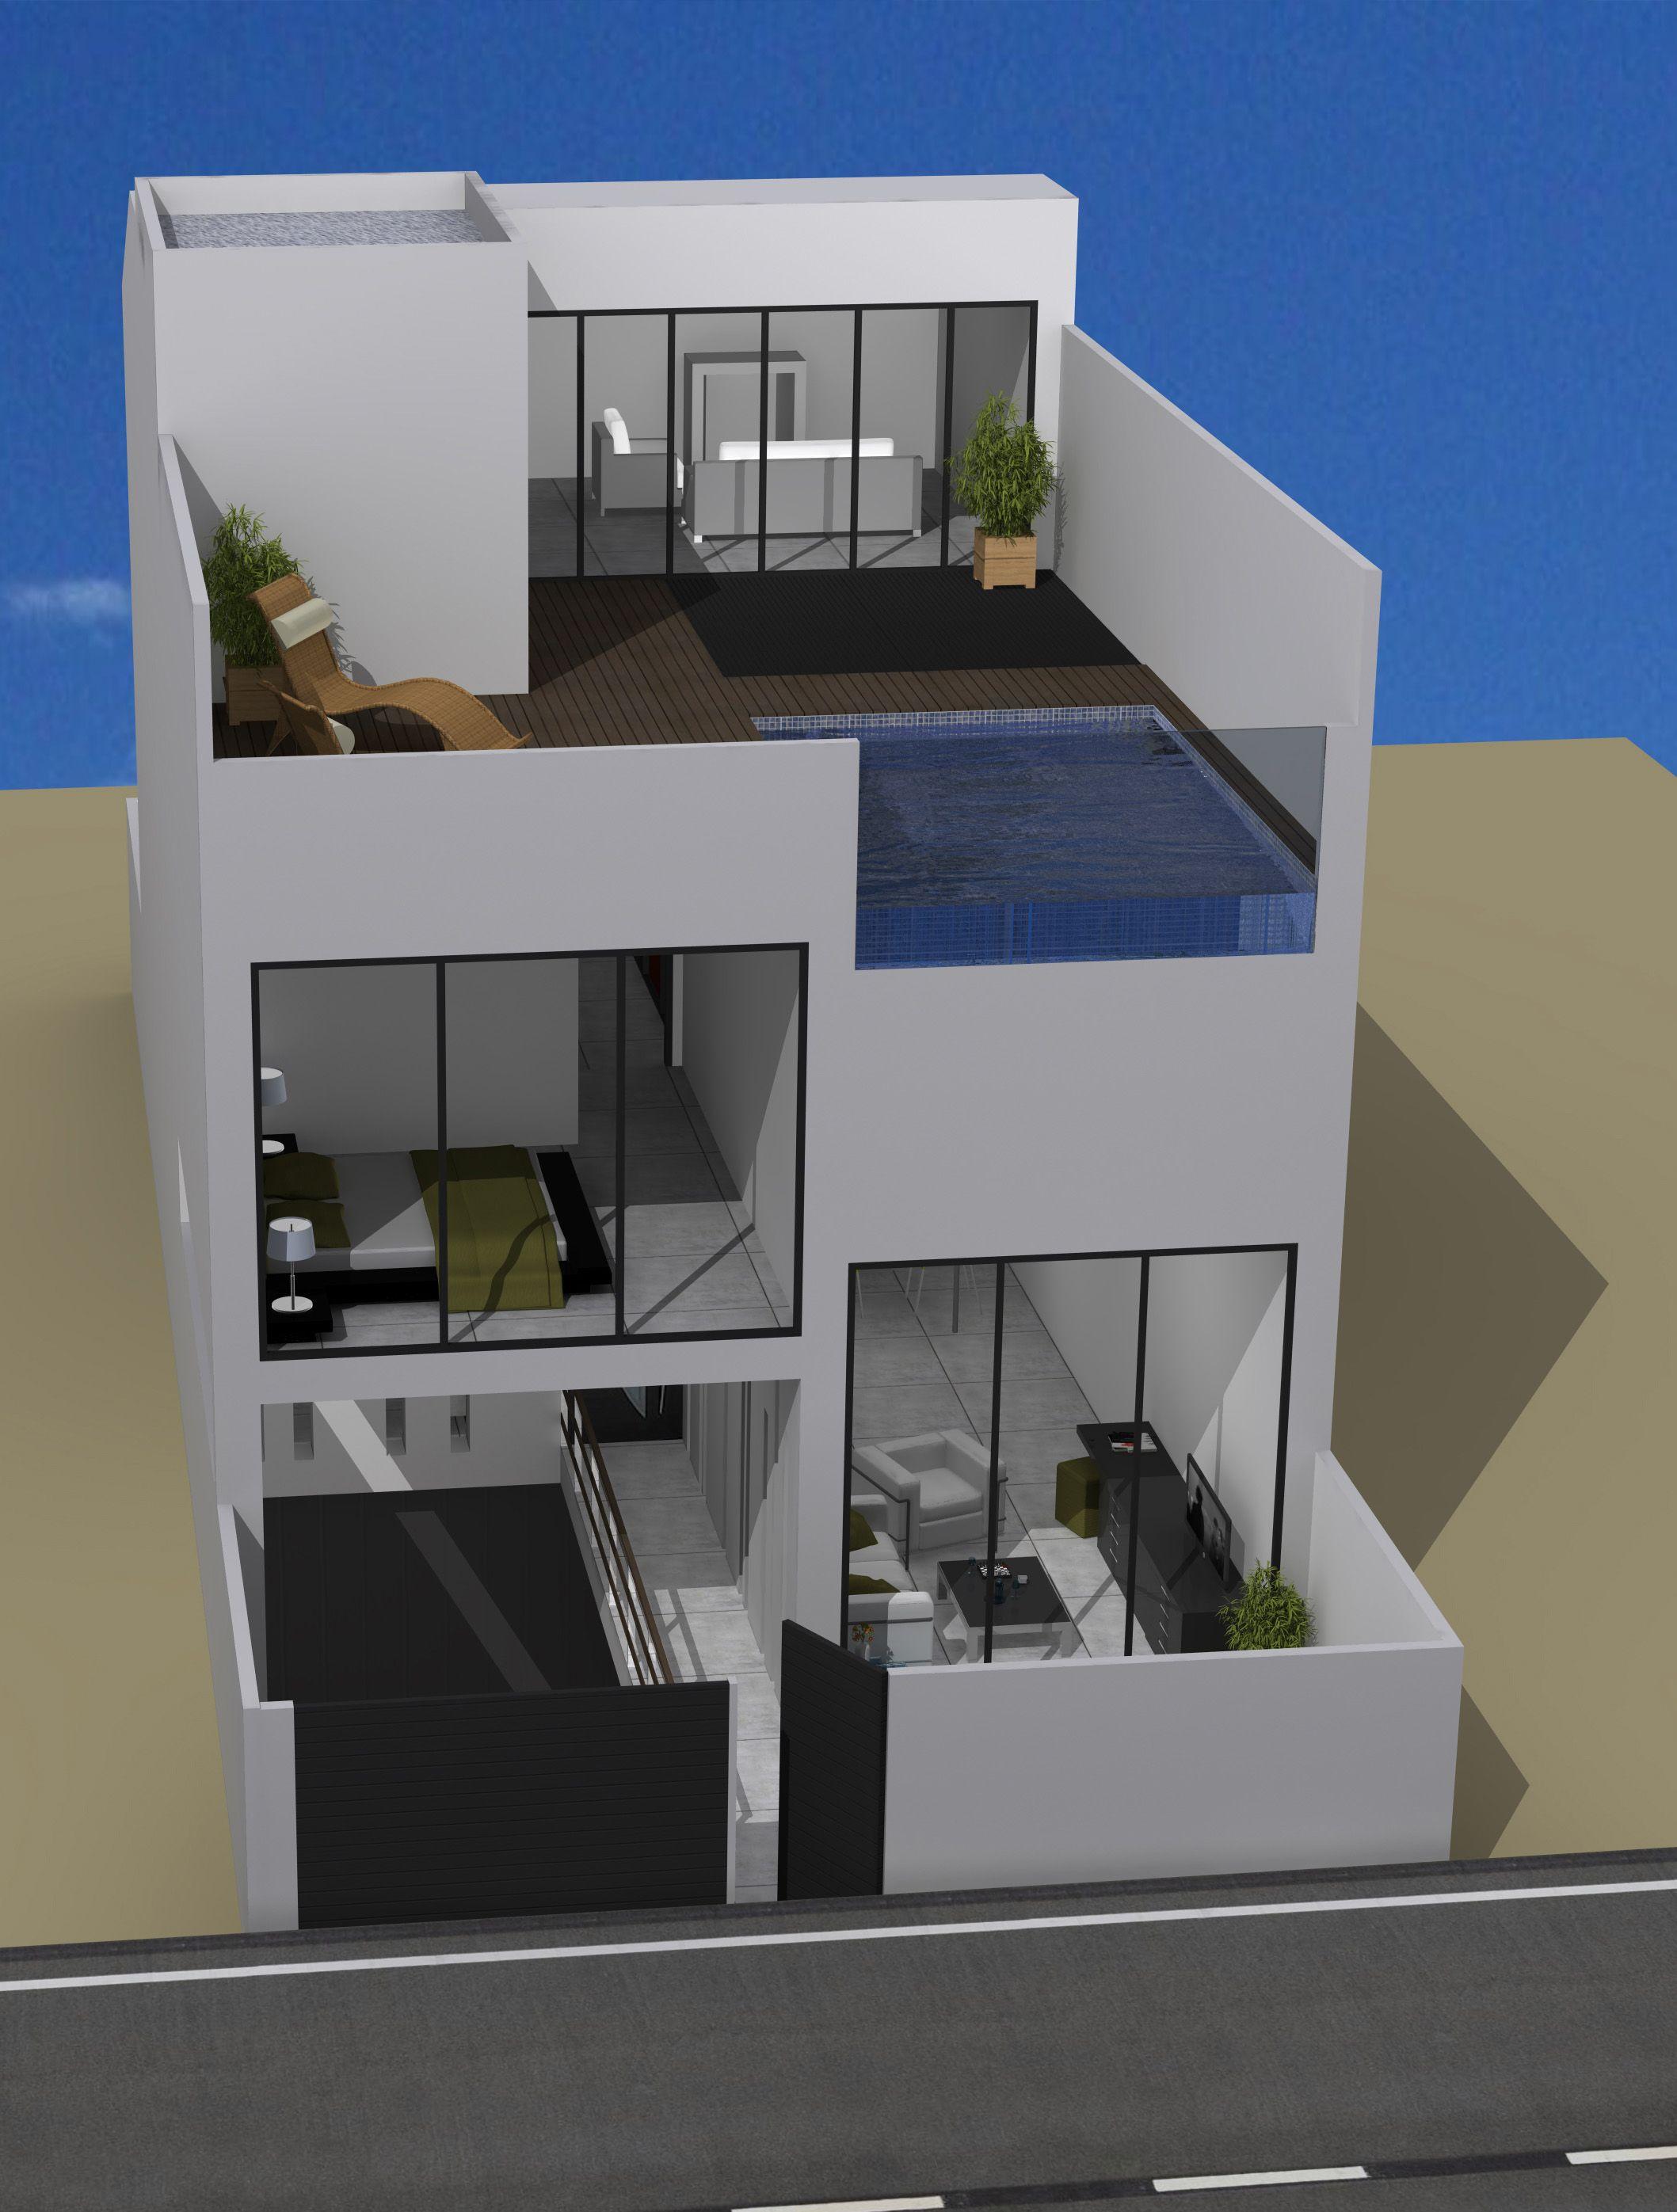 Imagenes de modernas salas con doble altura buscar con for Arquitectura minimalista casas